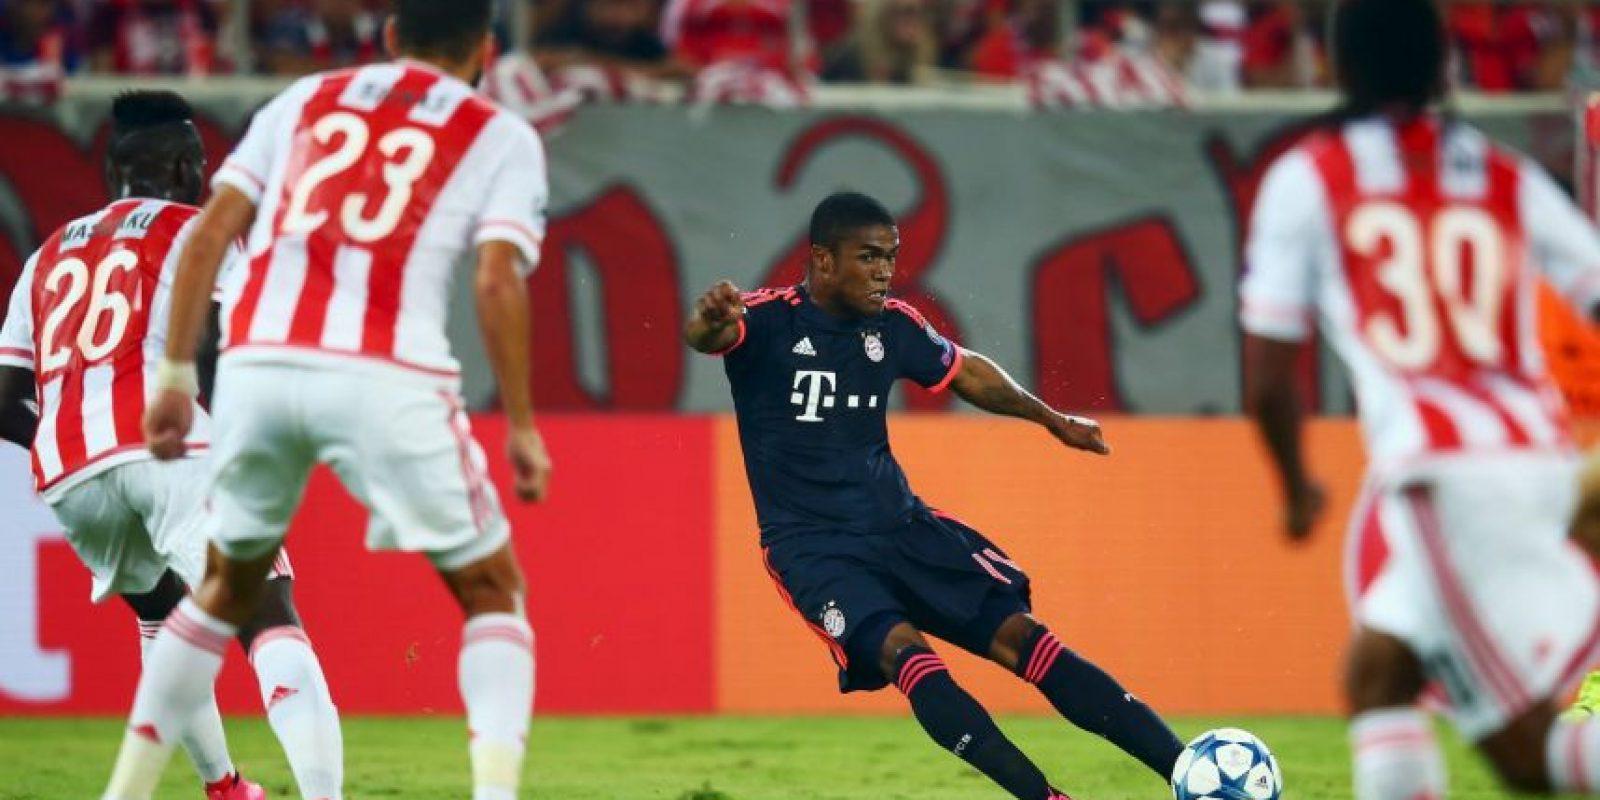 En el partido de la primera vuelta Bayern obtuvo los tres puntos, luego de ganar 3-0 a los griegos en su casa. Foto:Getty Images